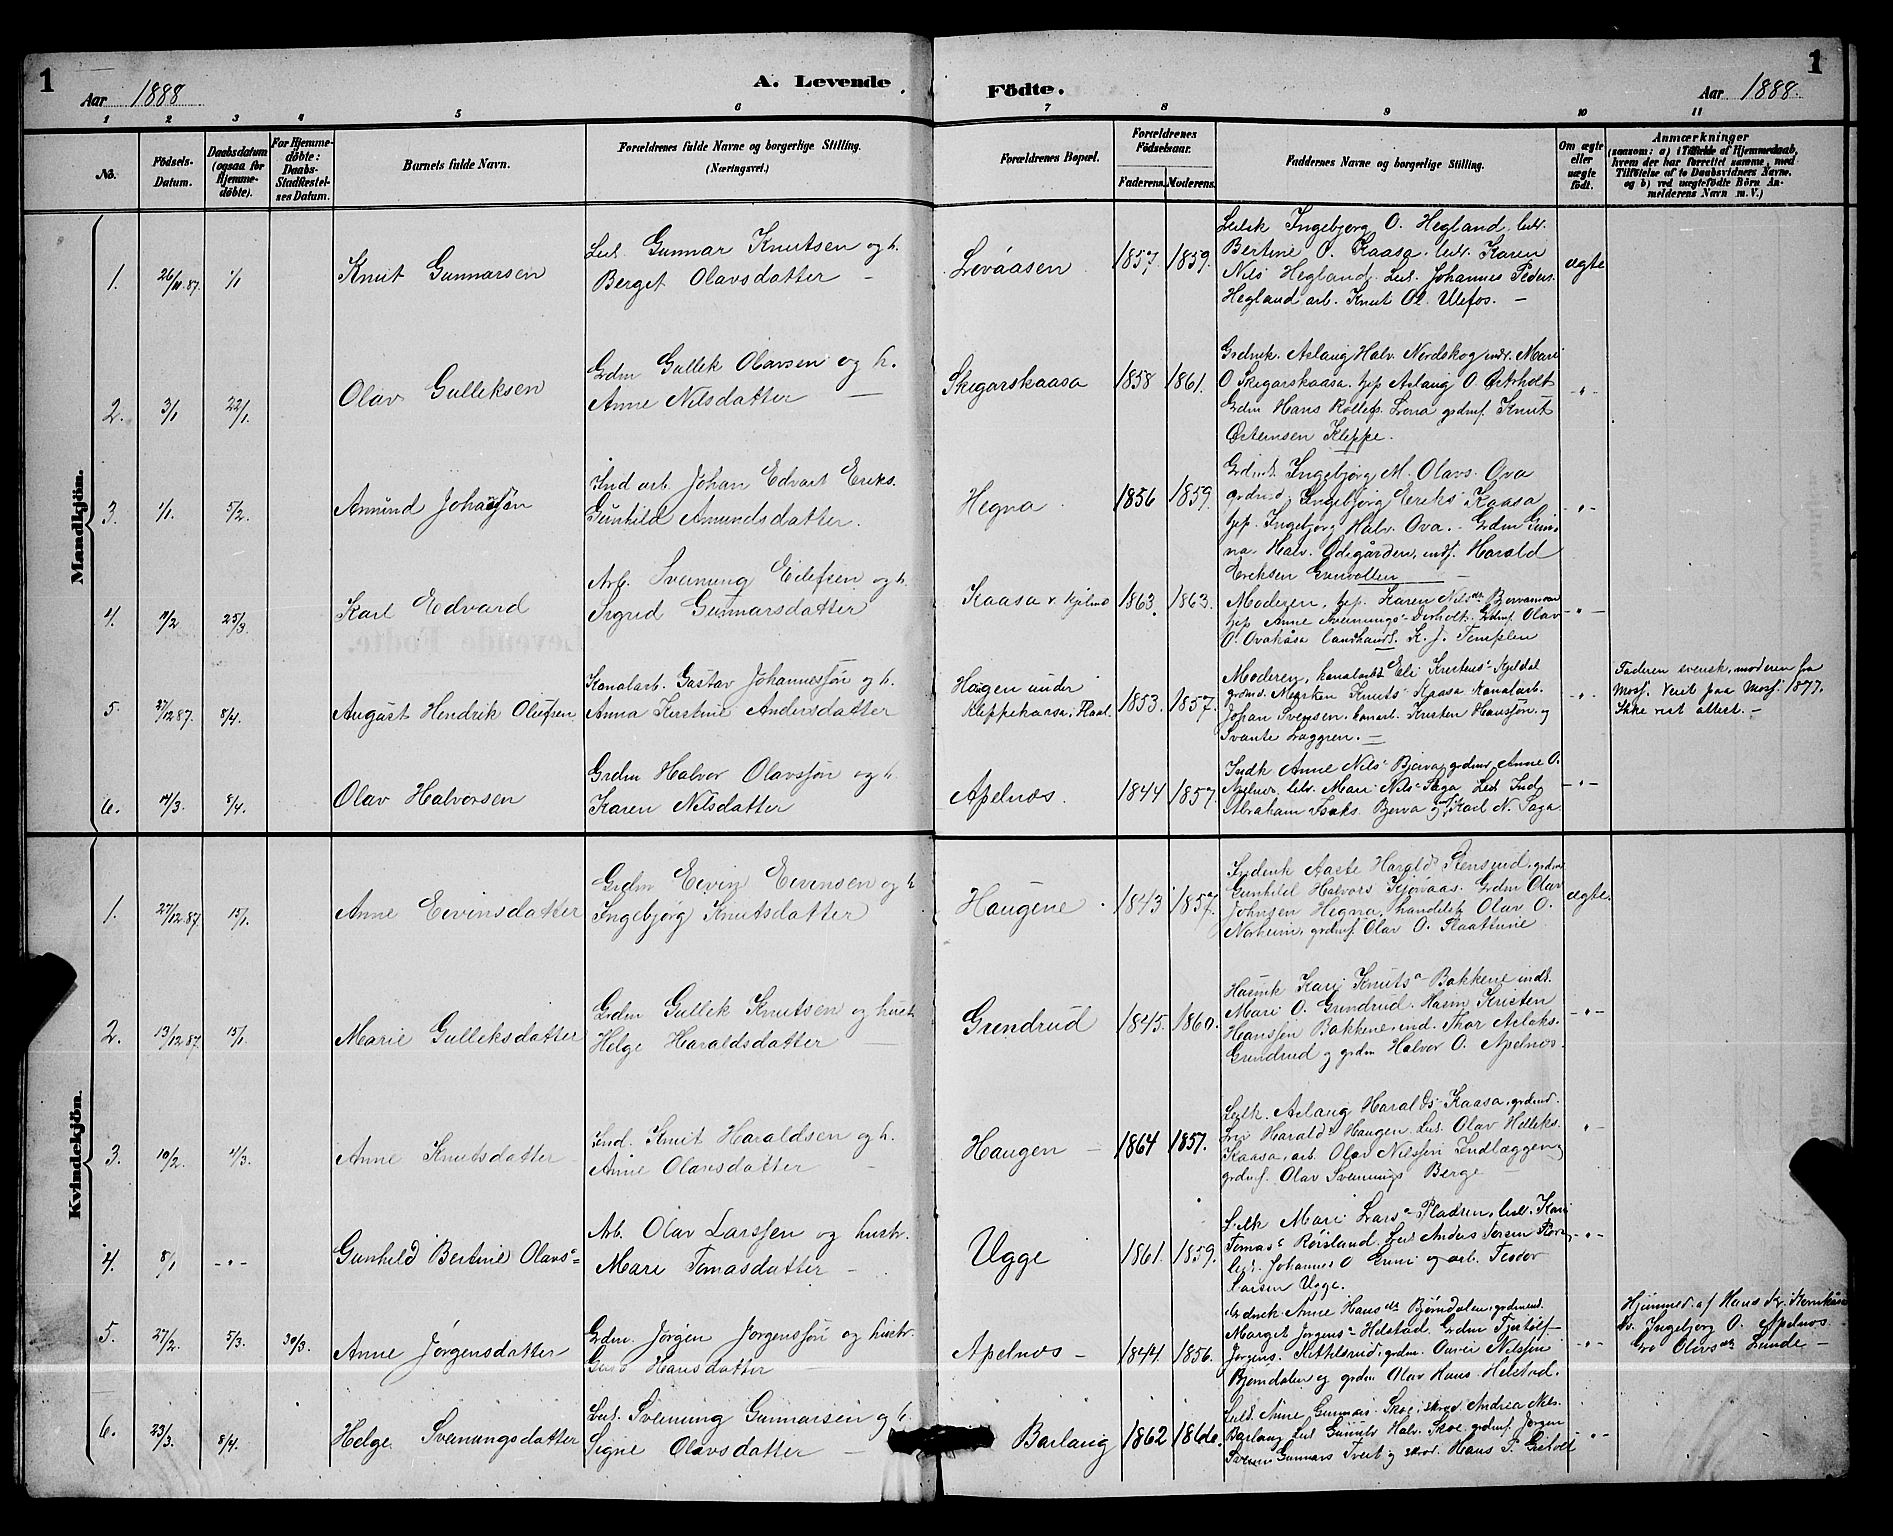 SAKO, Lunde kirkebøker, G/Ga/L0002: Klokkerbok nr. I 2, 1887-1896, s. 1